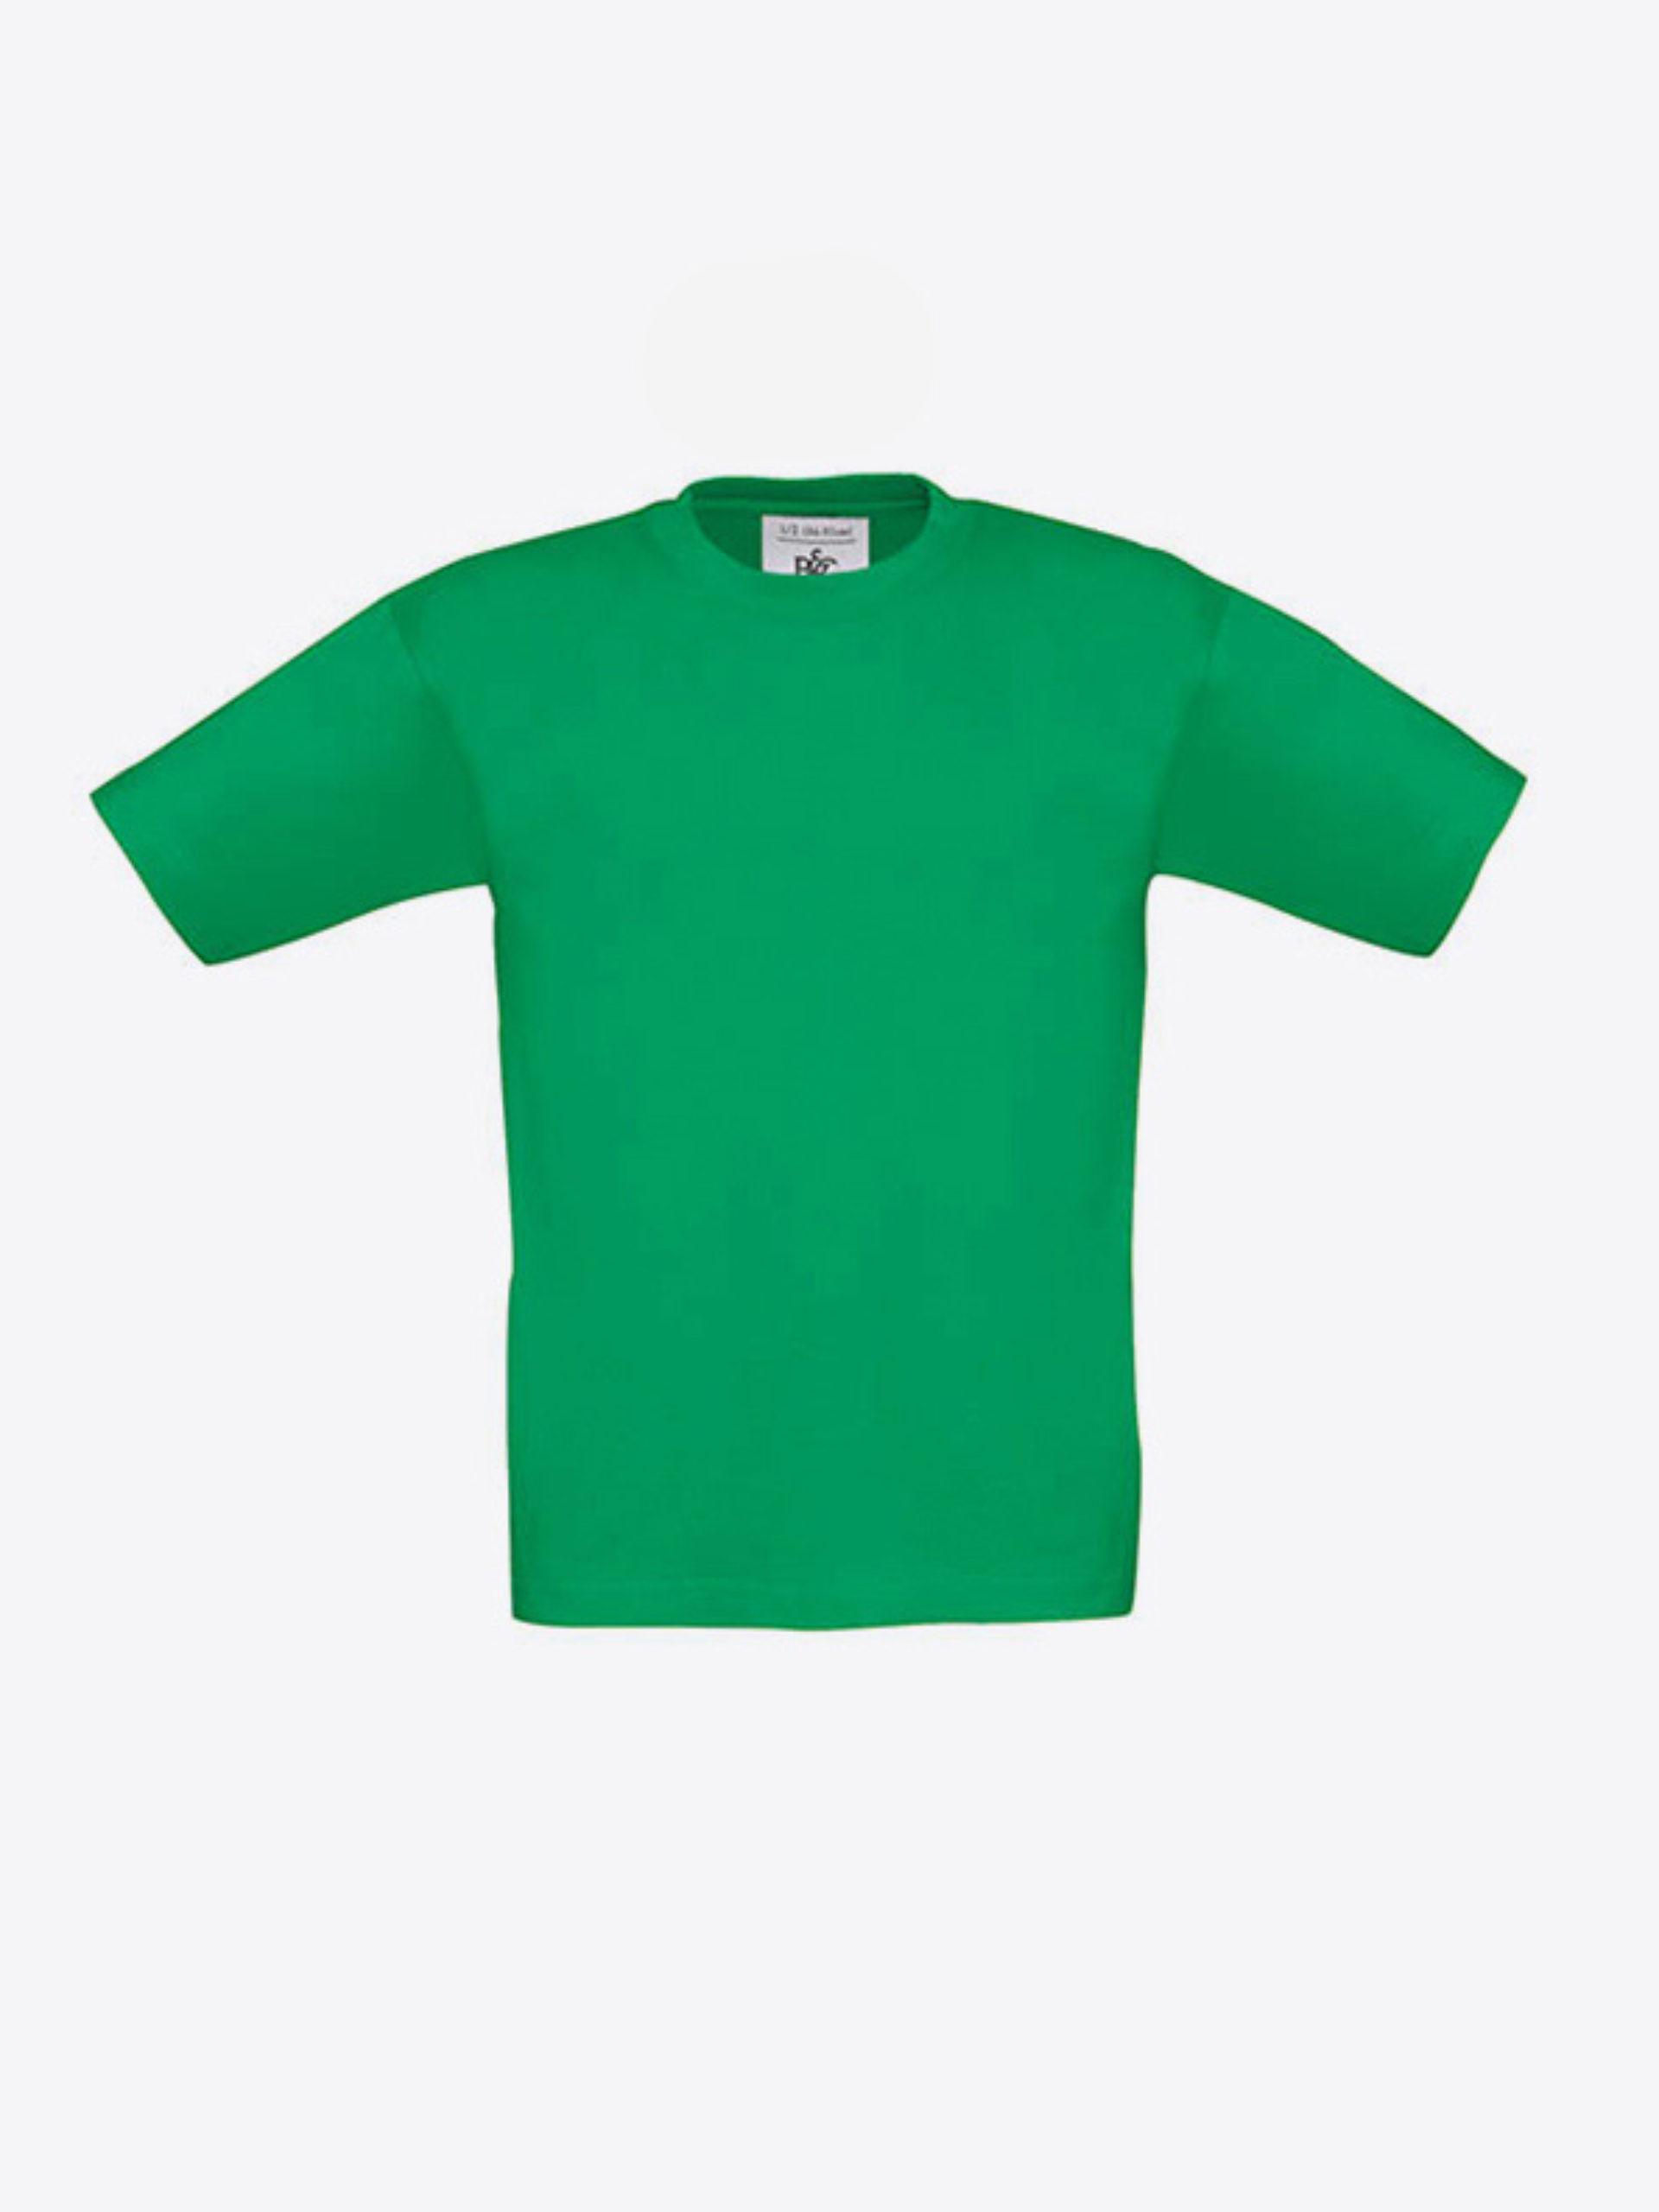 Kinder T Shirt Bundc Mit Siebdruck Bedrucken Lassen Exact 190 Kelly Green